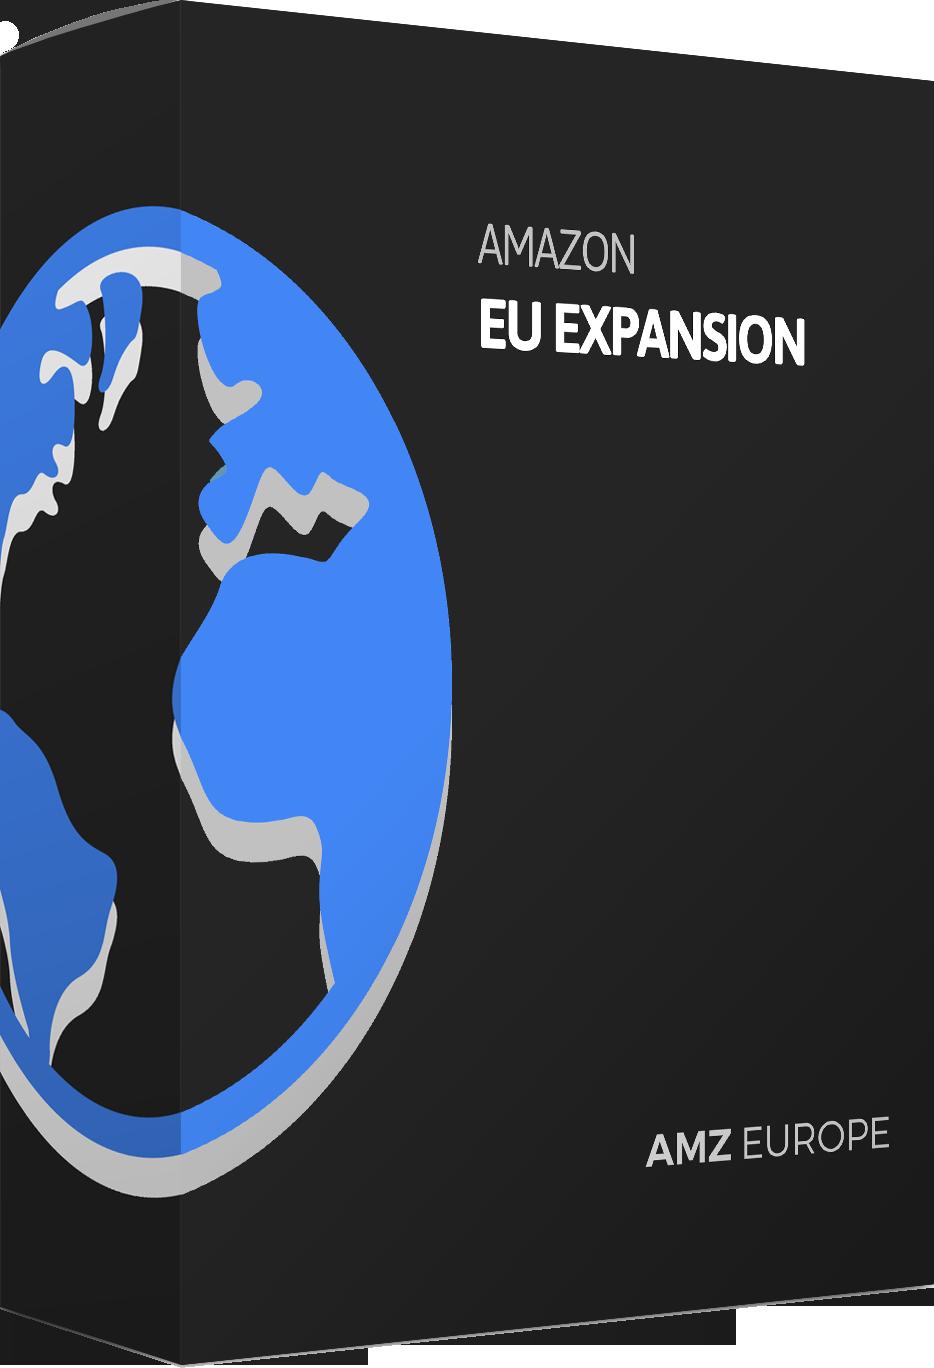 Amazon EU expansion.png